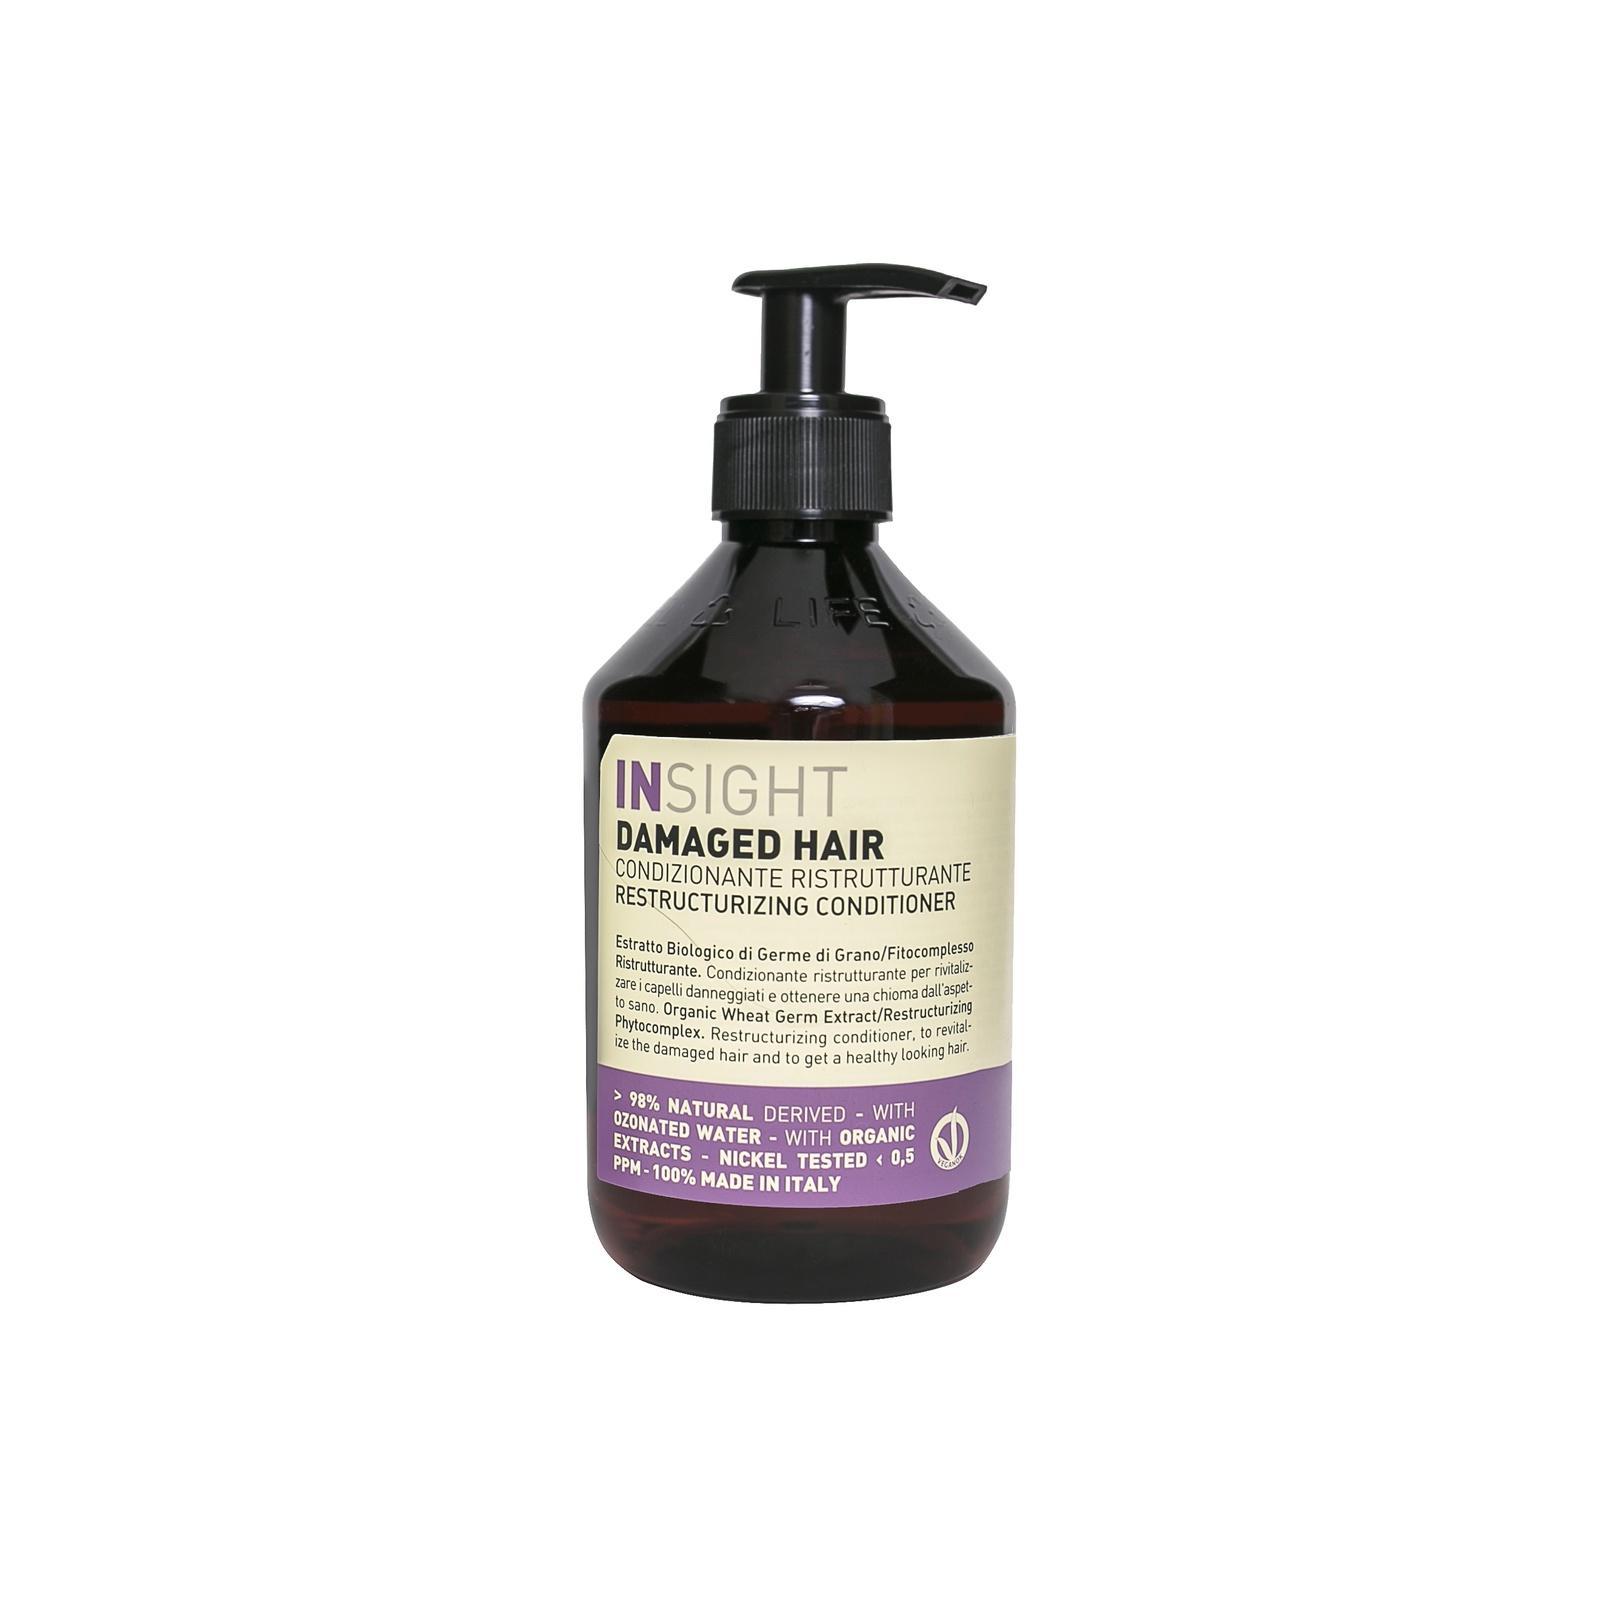 Кондиционер для волос INSIGHT для ежедневного использования109-334032/1Кондиционер для ежедневного использования DAILY USE для заряда энергии с лёгким увлажняющим эффектом, питает волосы без эффекта утяжеления. Формула, обогащенная маслами натурального растительного происхождения, придаёт сияние. Также, облегчает расчёсывание, а фруктовые кислоты возвращают жизненную силу.